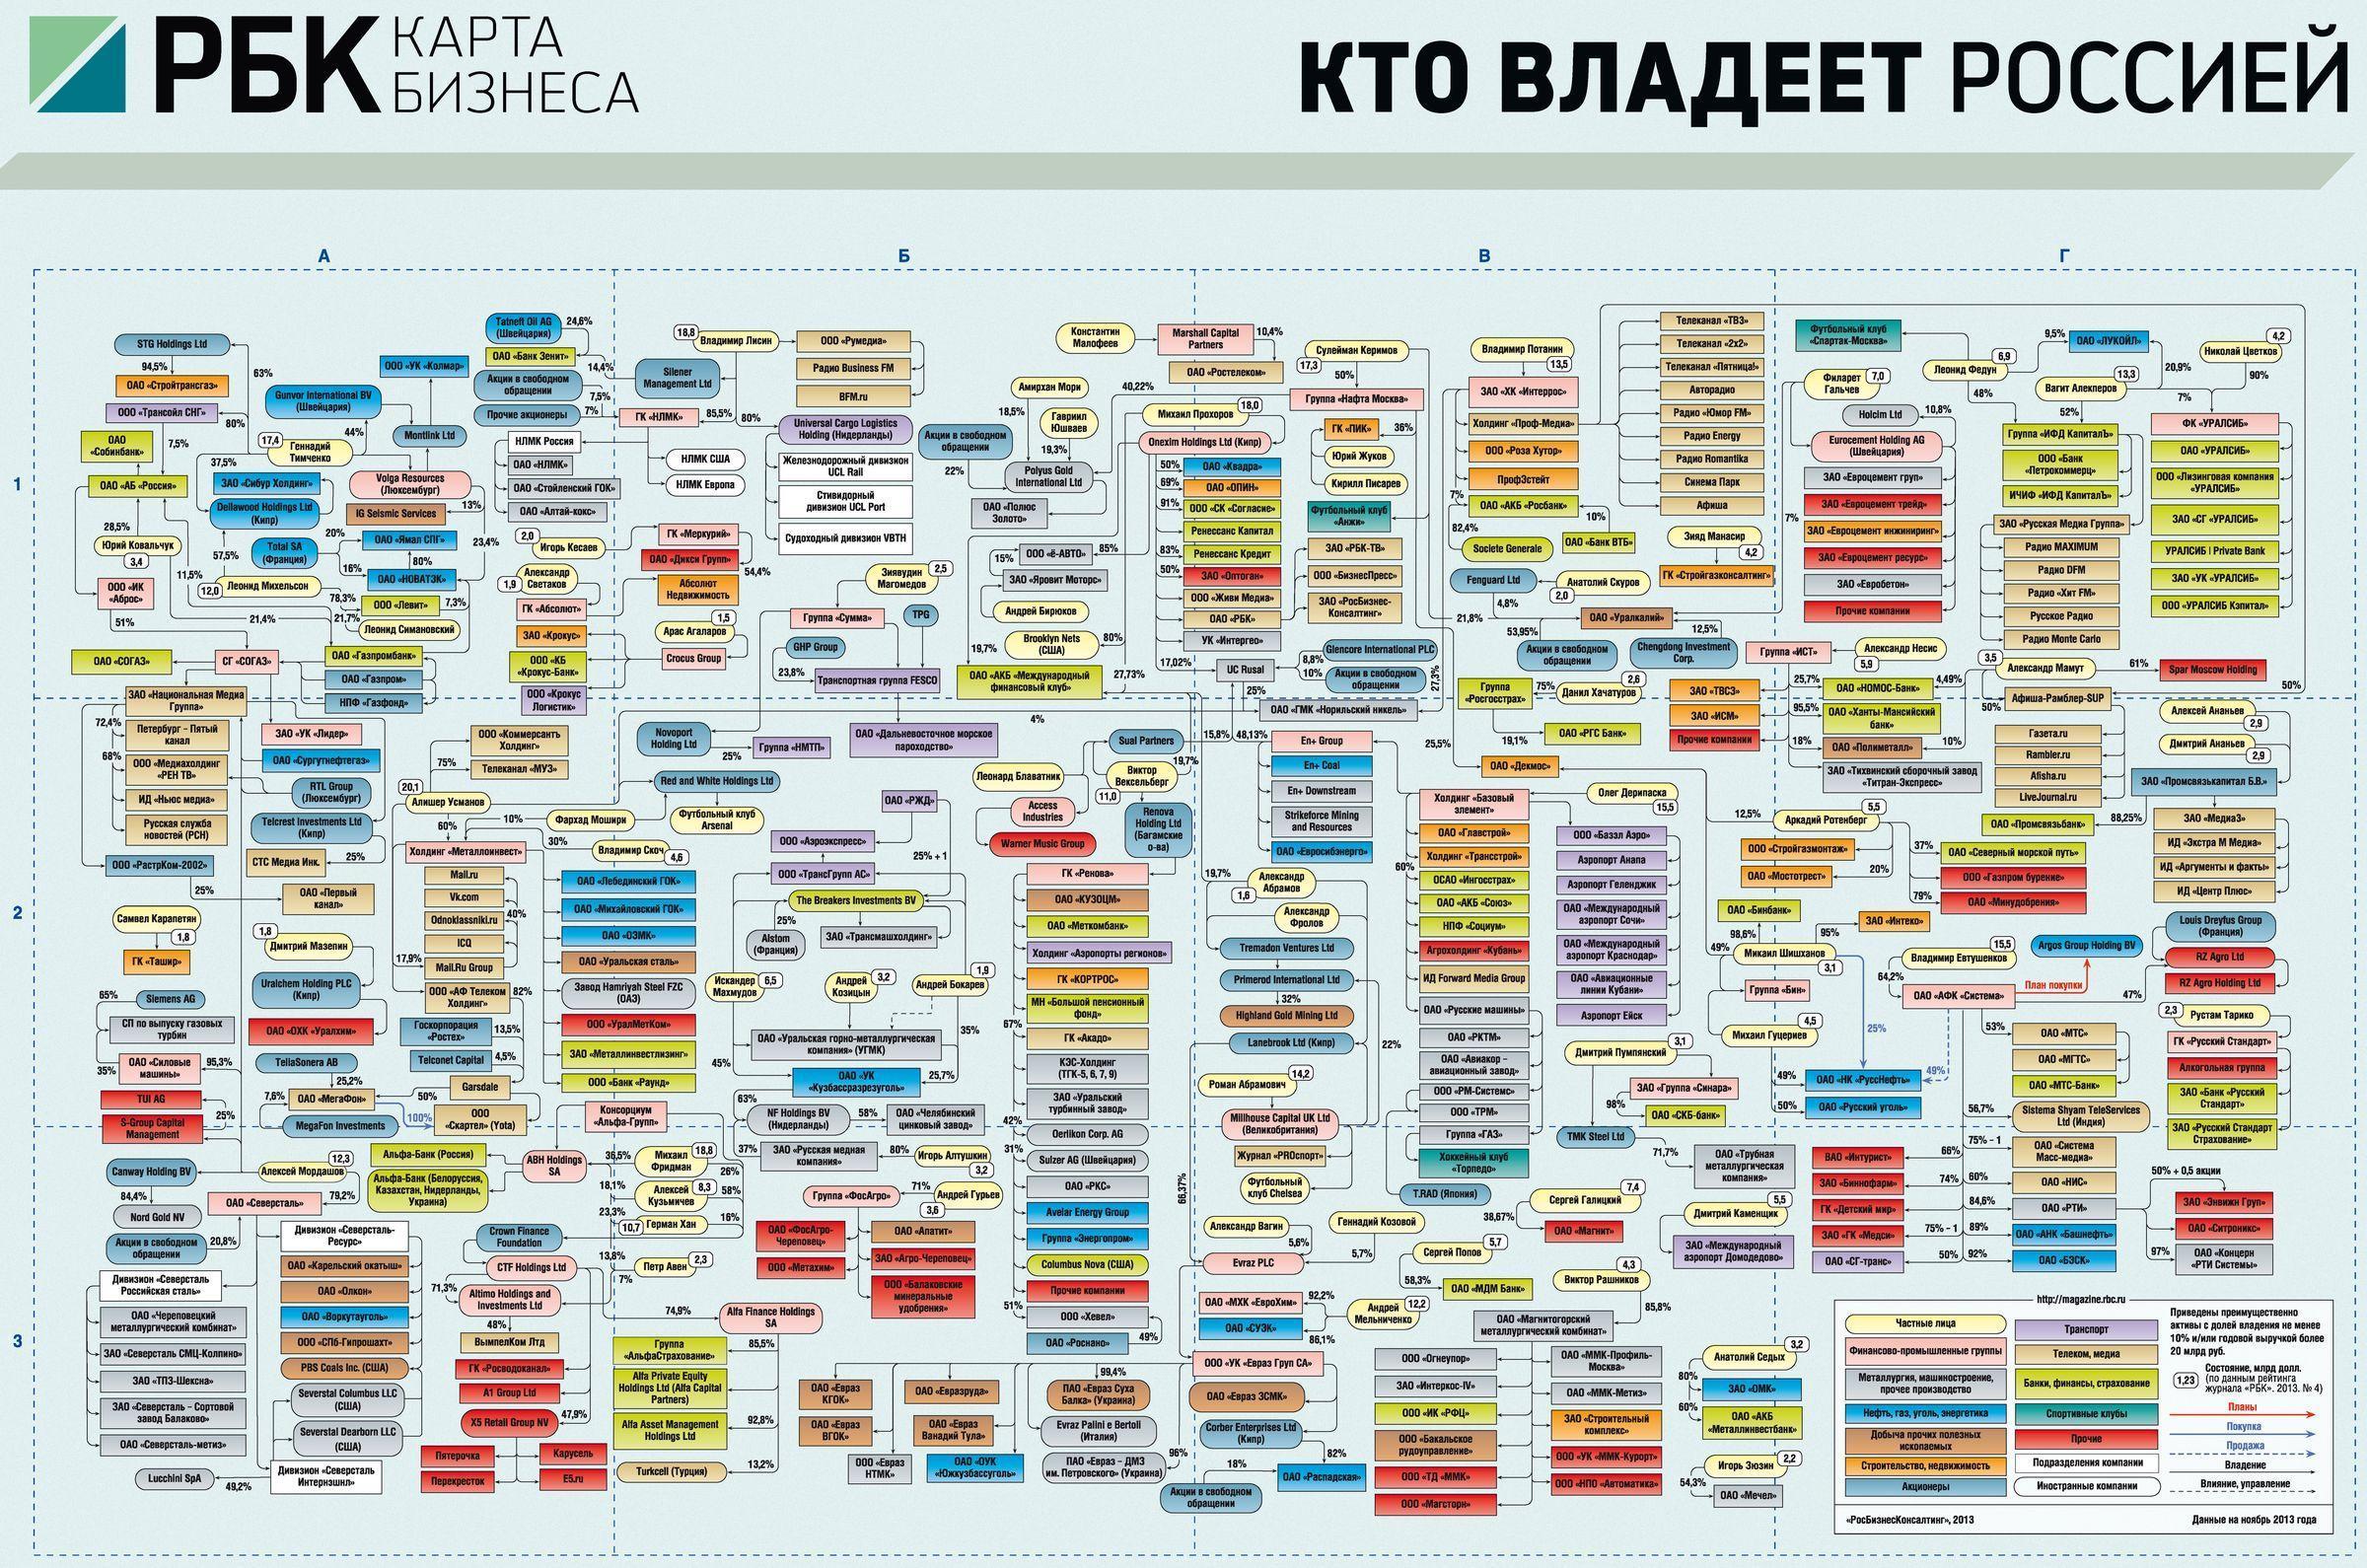 rbc-map-2013__ru_dBODucGH